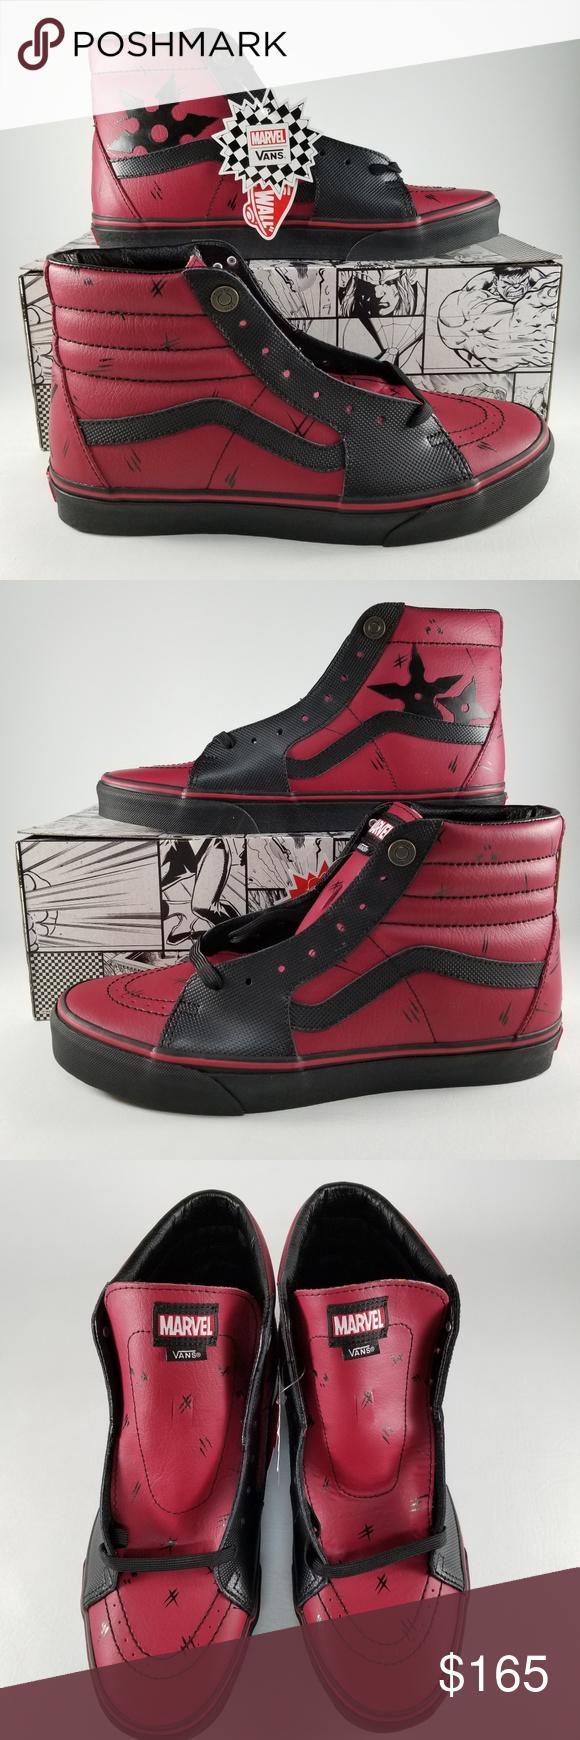 449914d2086 VANS X Marvel Sk8 Hi Deadpool Men s Sneakers SZ 11 VANS X Marvel Sk8 Hi  Men s